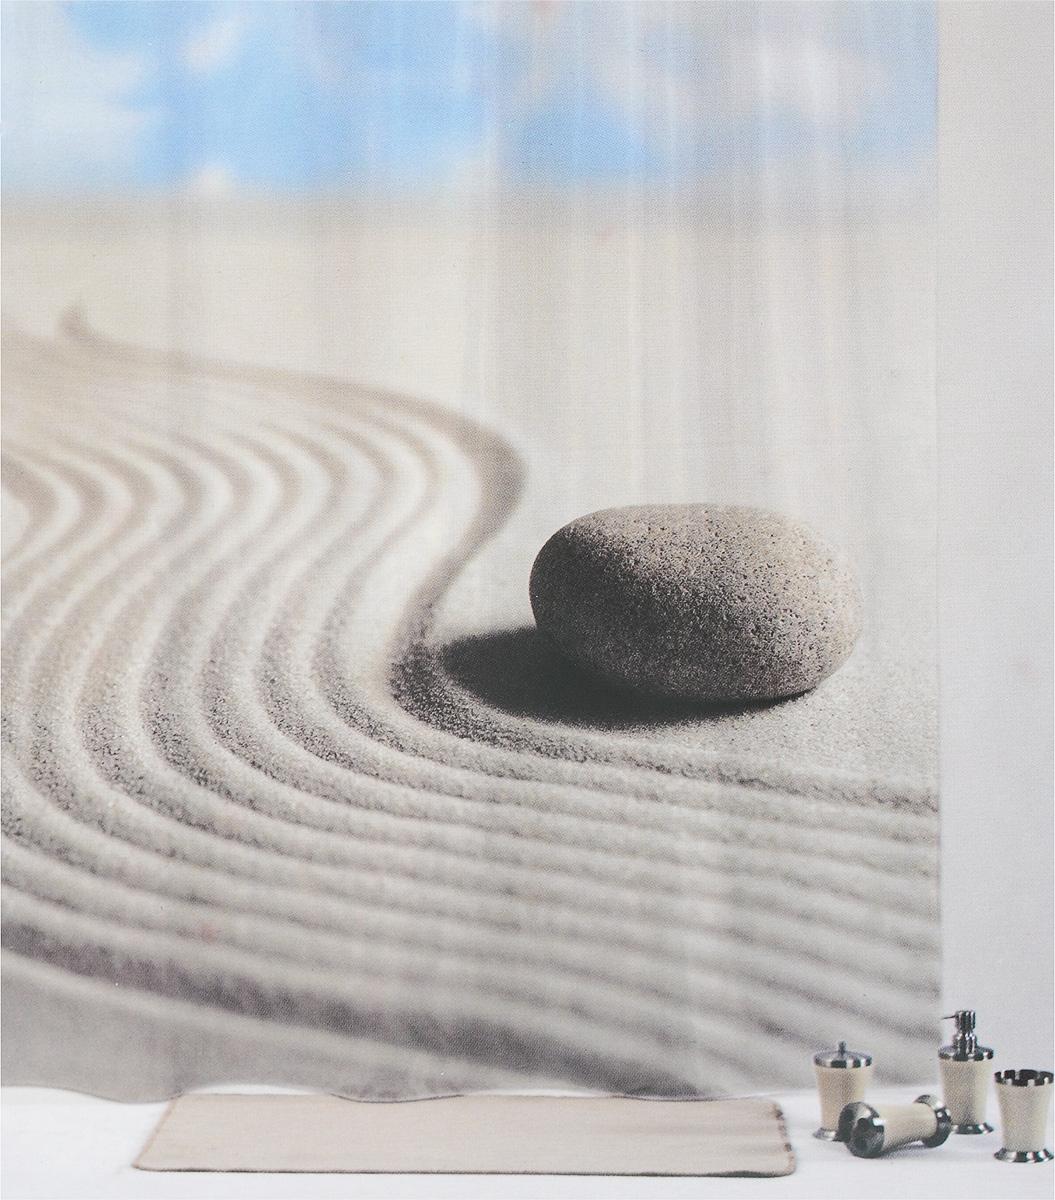 Штора для ванной комнаты Aqva Line Лунный камень, 180 х 180 см1301038Штора Aqva Line Лунный камень, изготовленная из 100% полиэстера, отлично дополнит любой интерьер ванной комнаты. При изготовлении используются специальные гипоаллергенные чернила для прямой печати по ткани, безопасные для человека. В комплекте: 1 штора, 12 крючков.